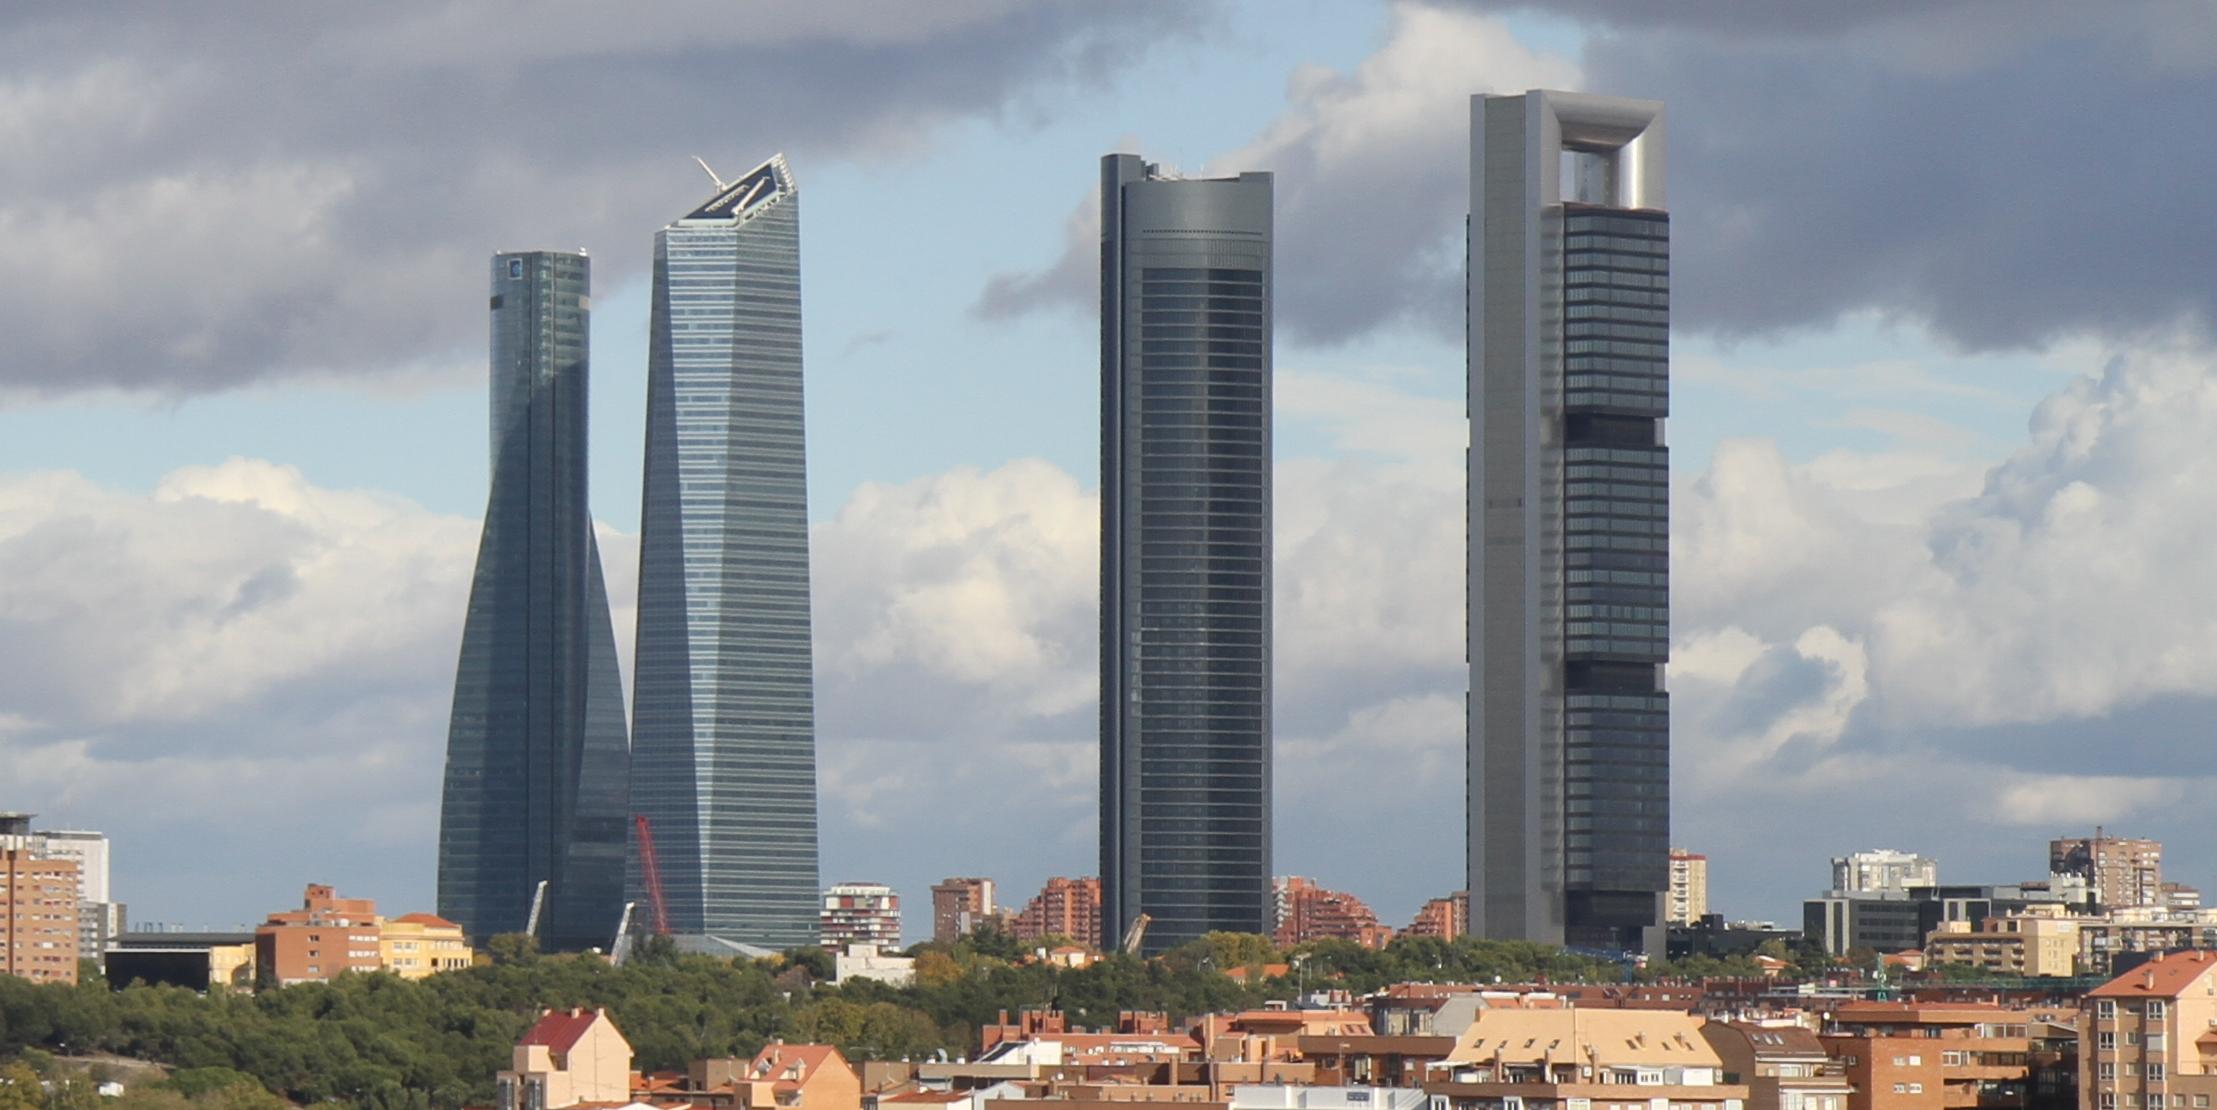 Anexo edificios m s altos de madrid wikiwand for Gimnasio 4 torres